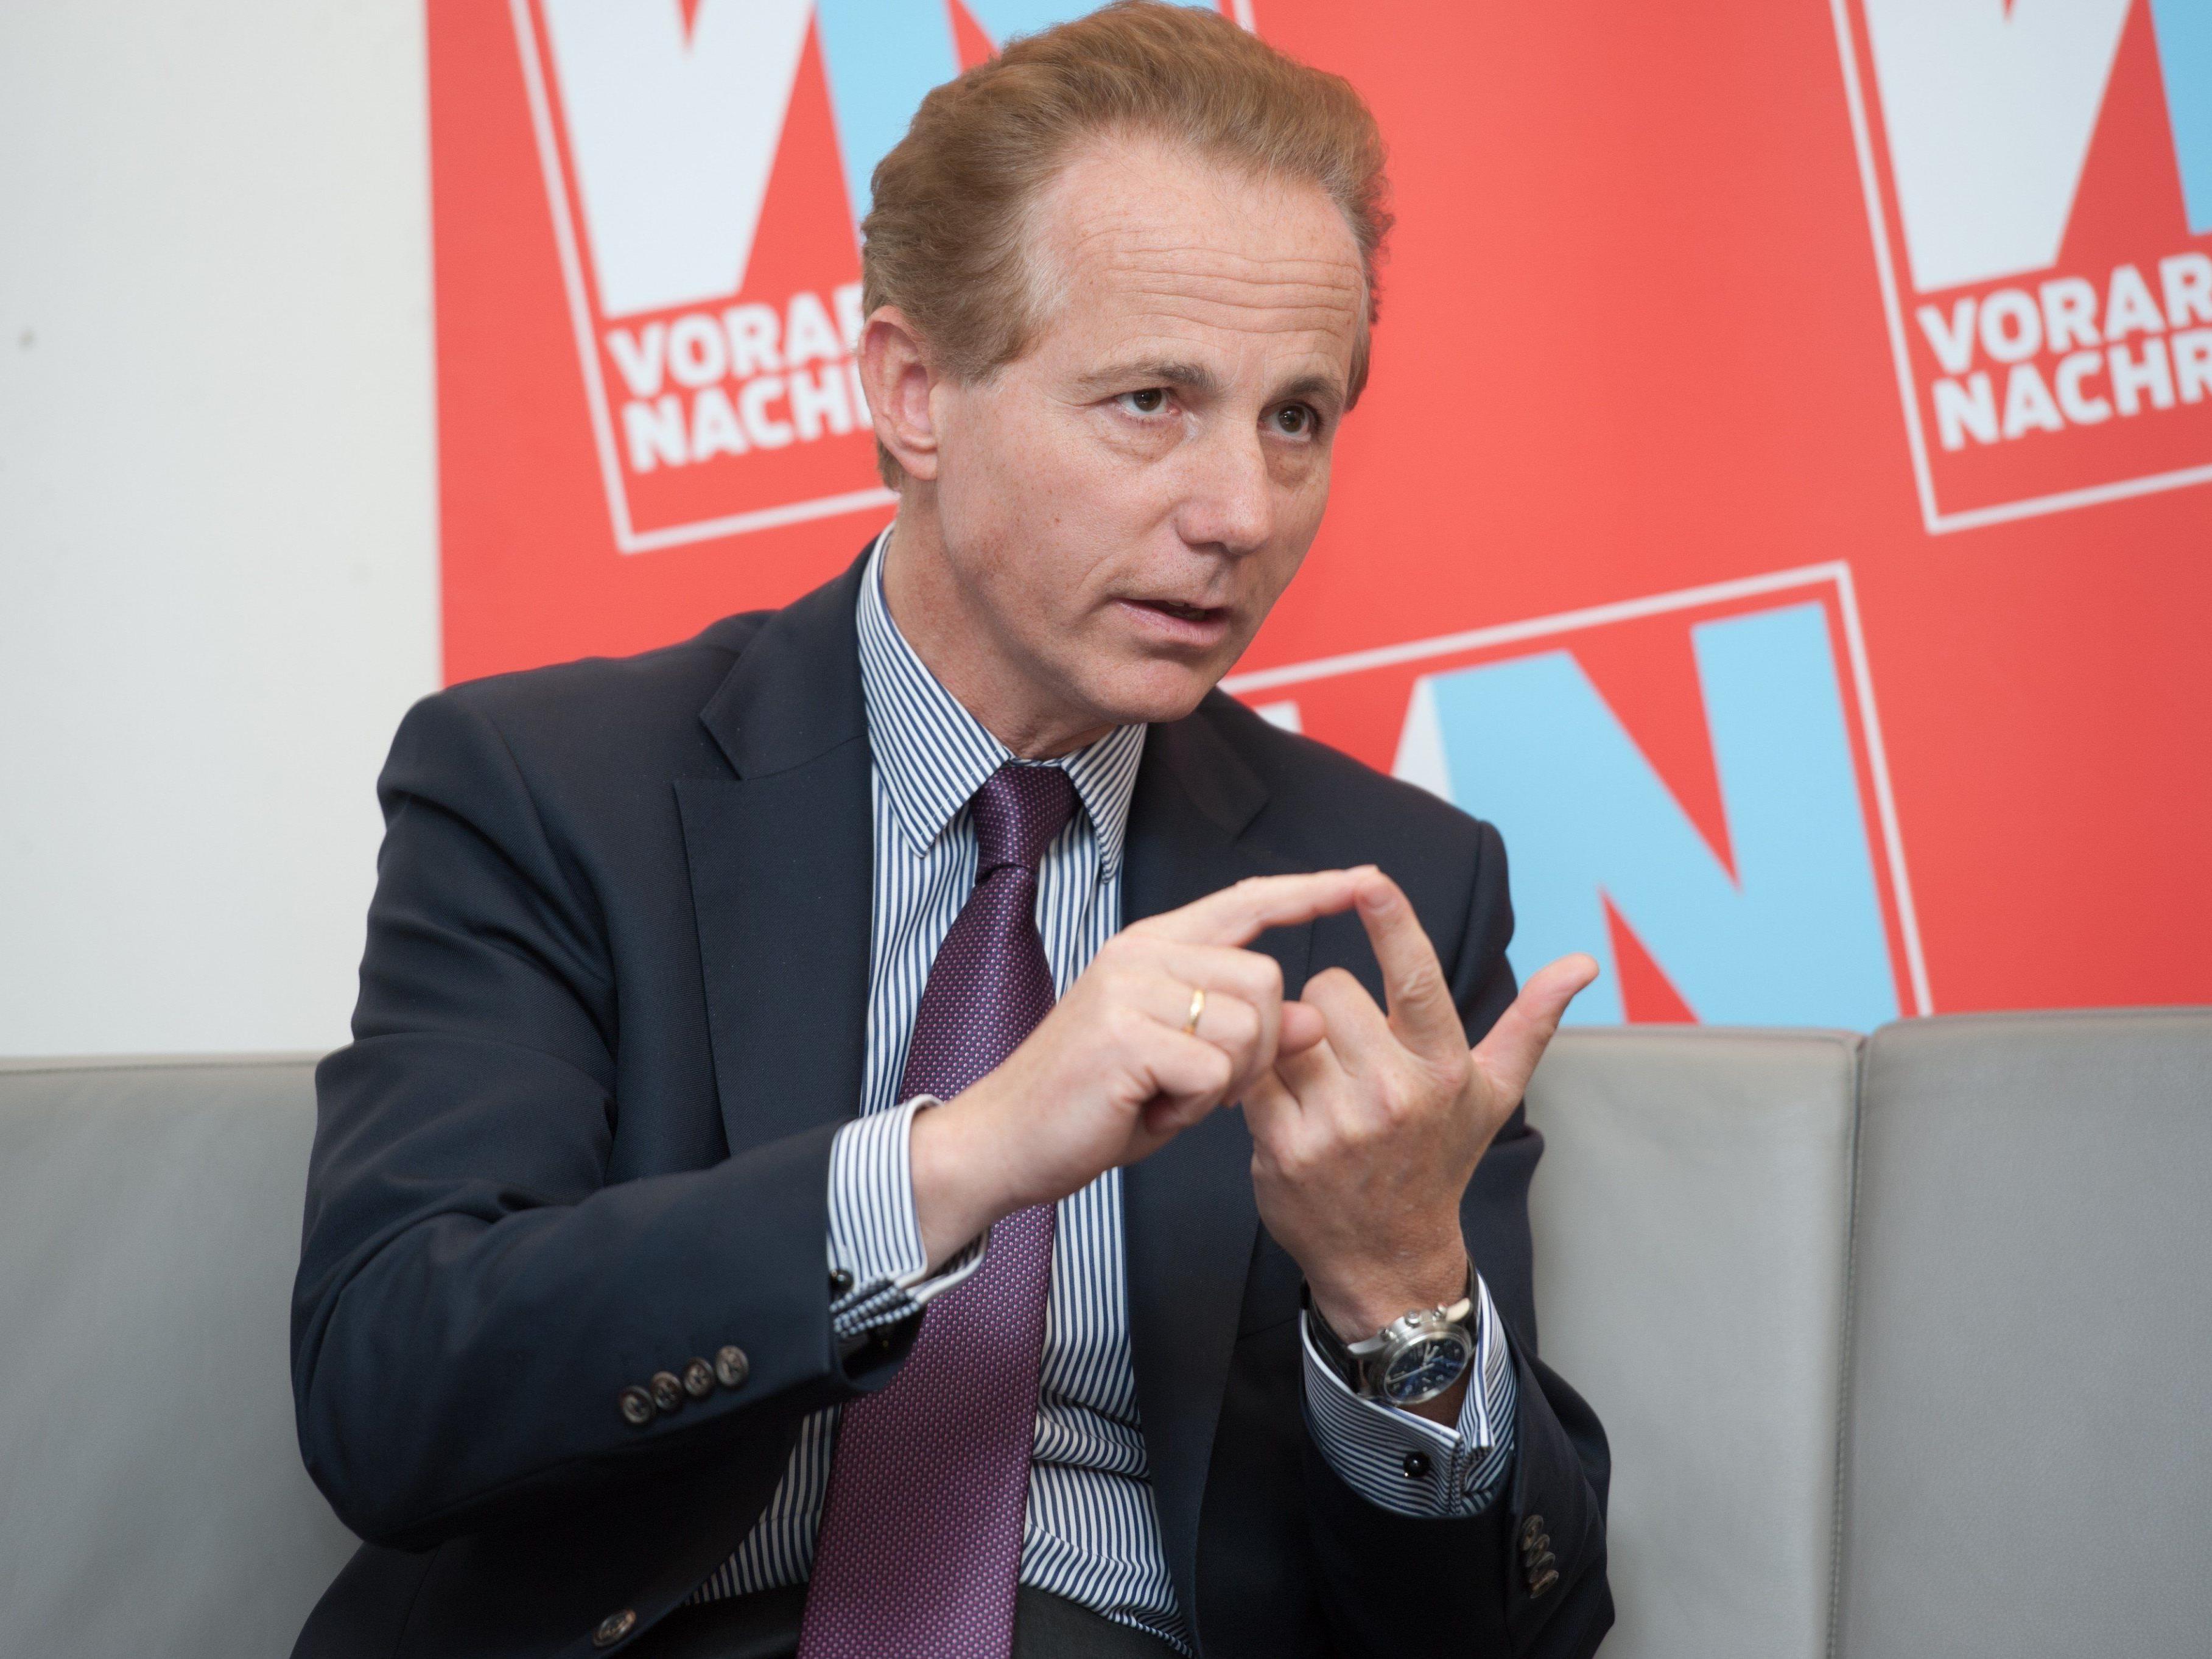 IV-Vorarlberg-Präsident Ohneberg wird nicht kandidieren.